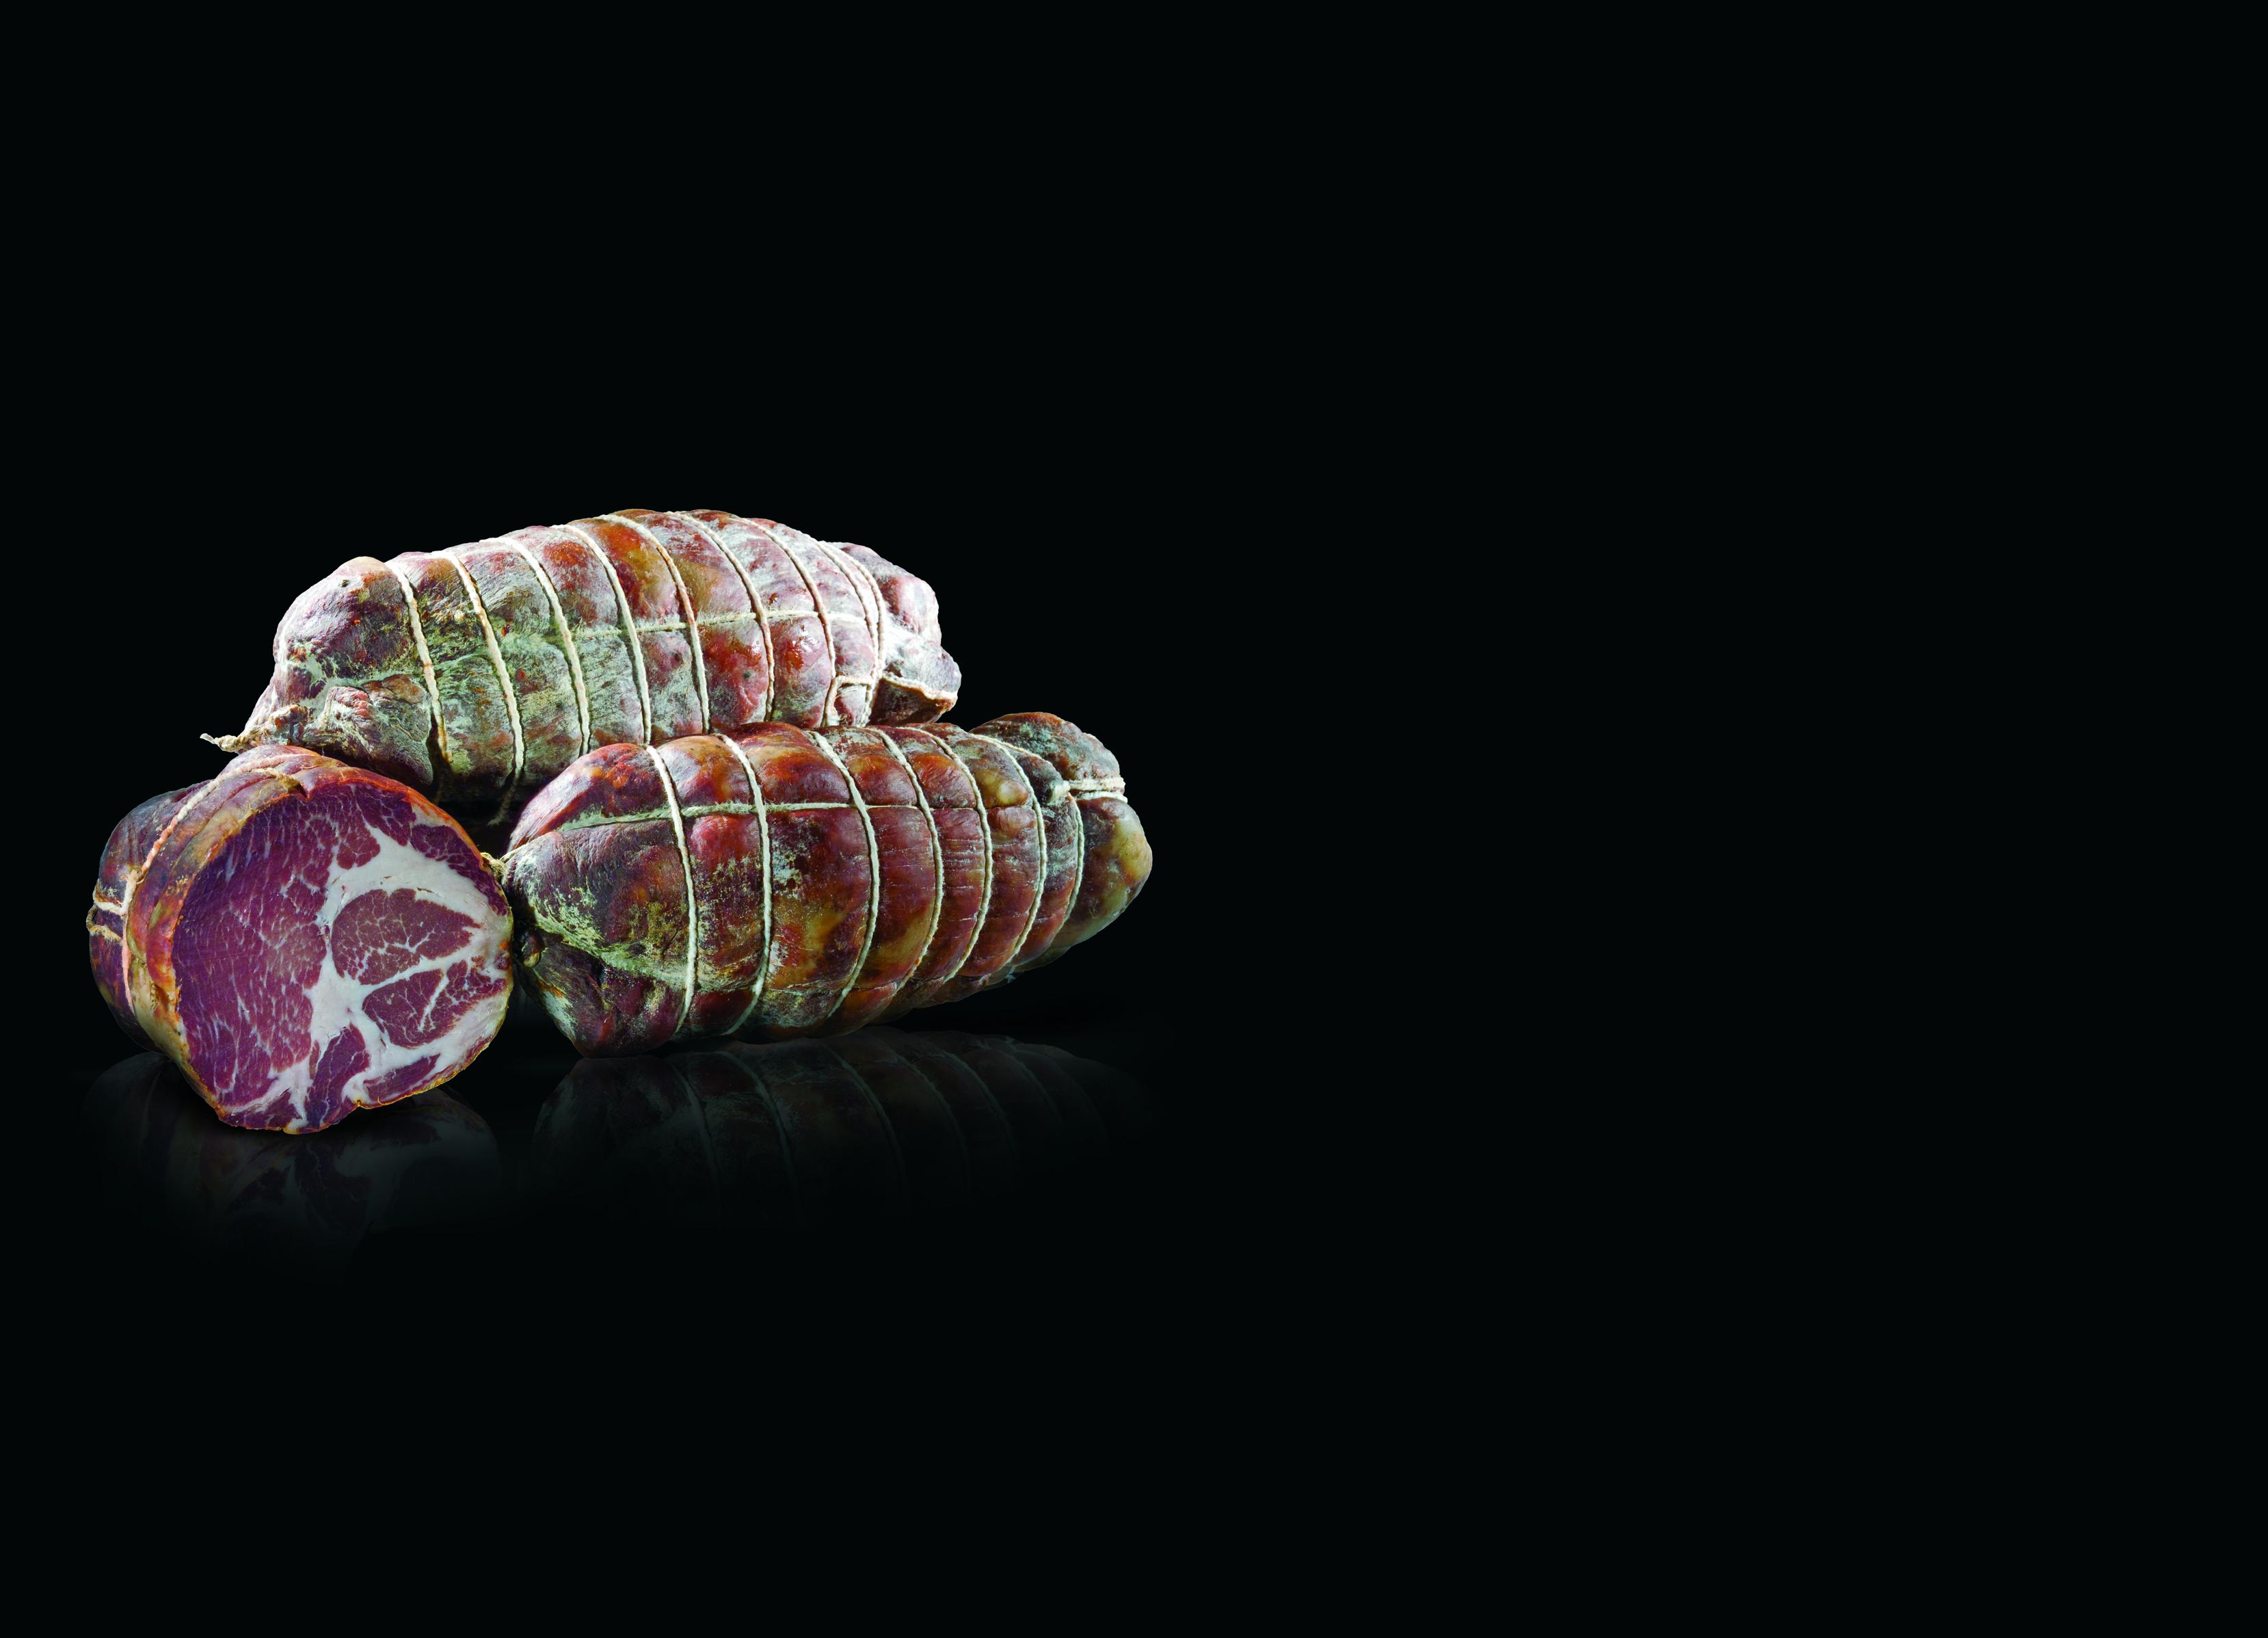 capocollo-di-calabria Food Blogger contest per ISIT: la Coppa Piacentina DOP ed il Capocollo di Calabria DOP